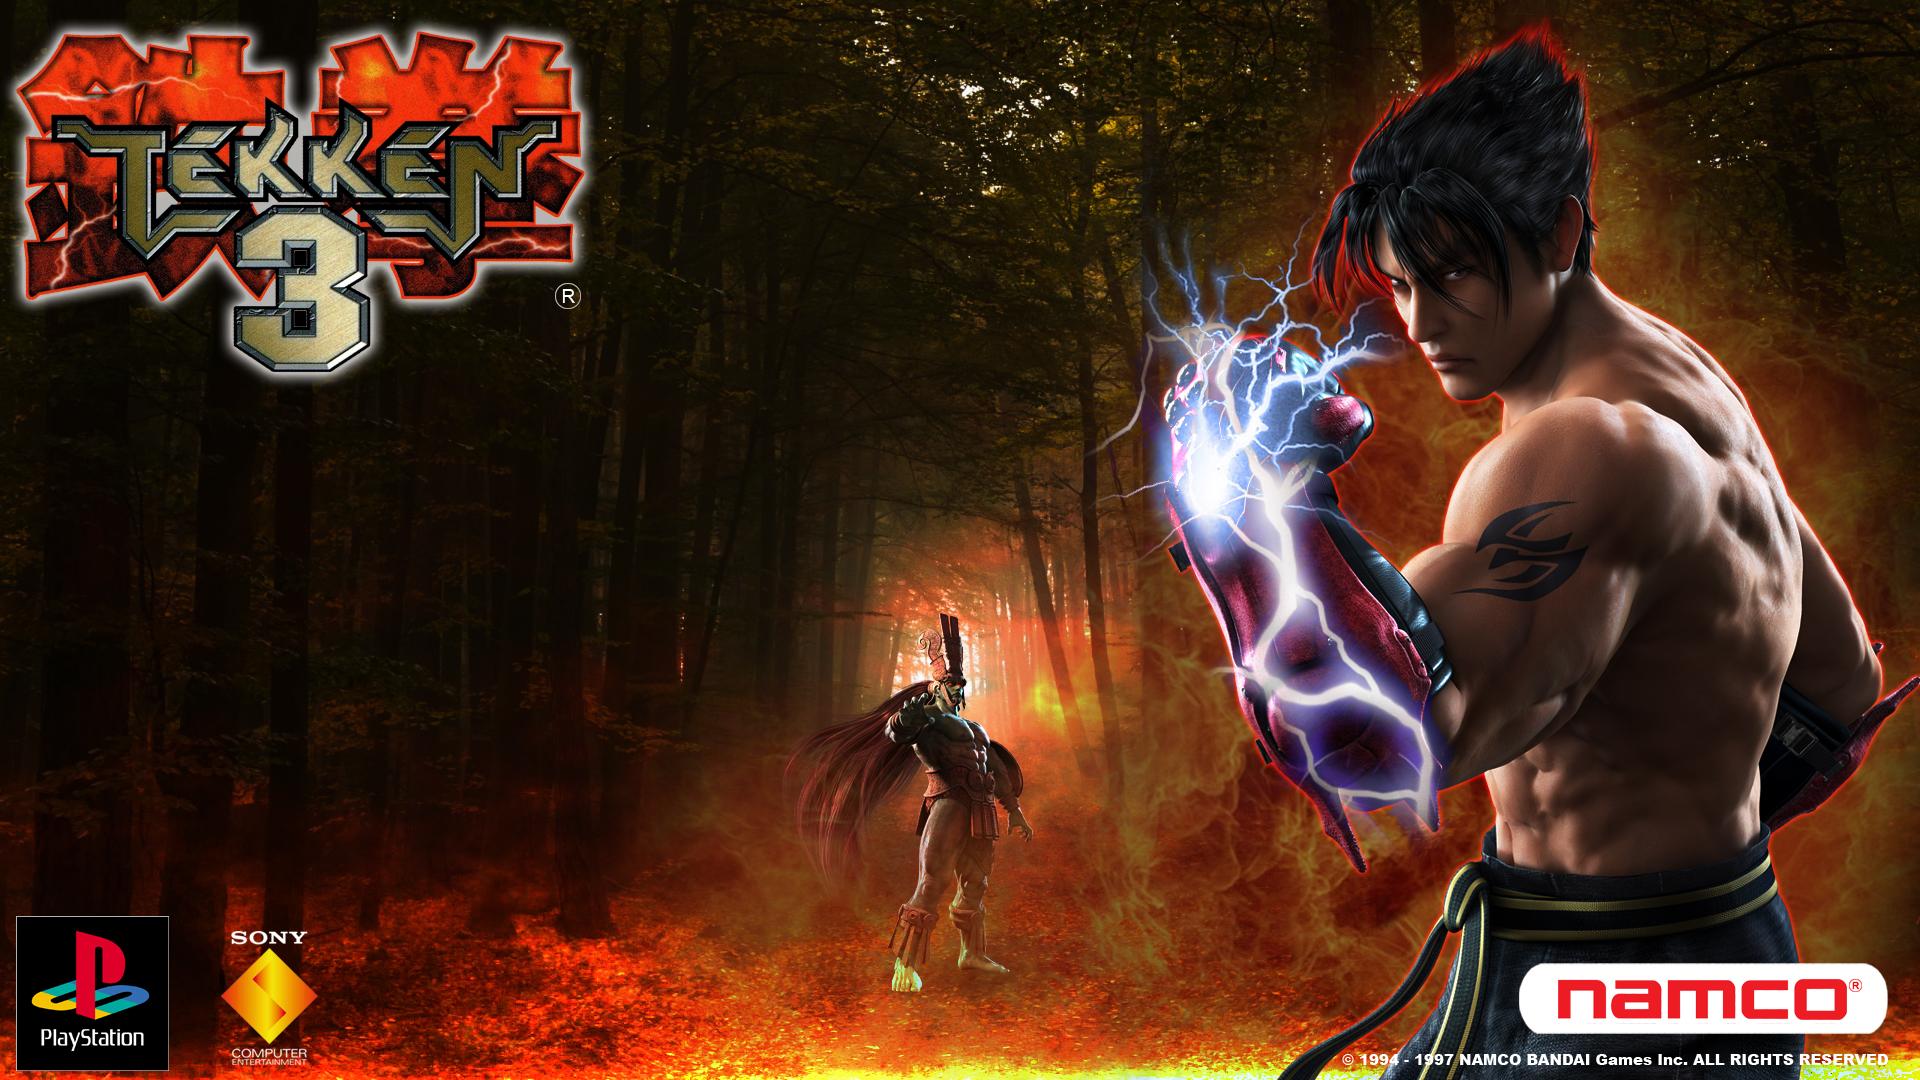 Tekken 3 HD Wallpapers Backgrounds 1920x1080